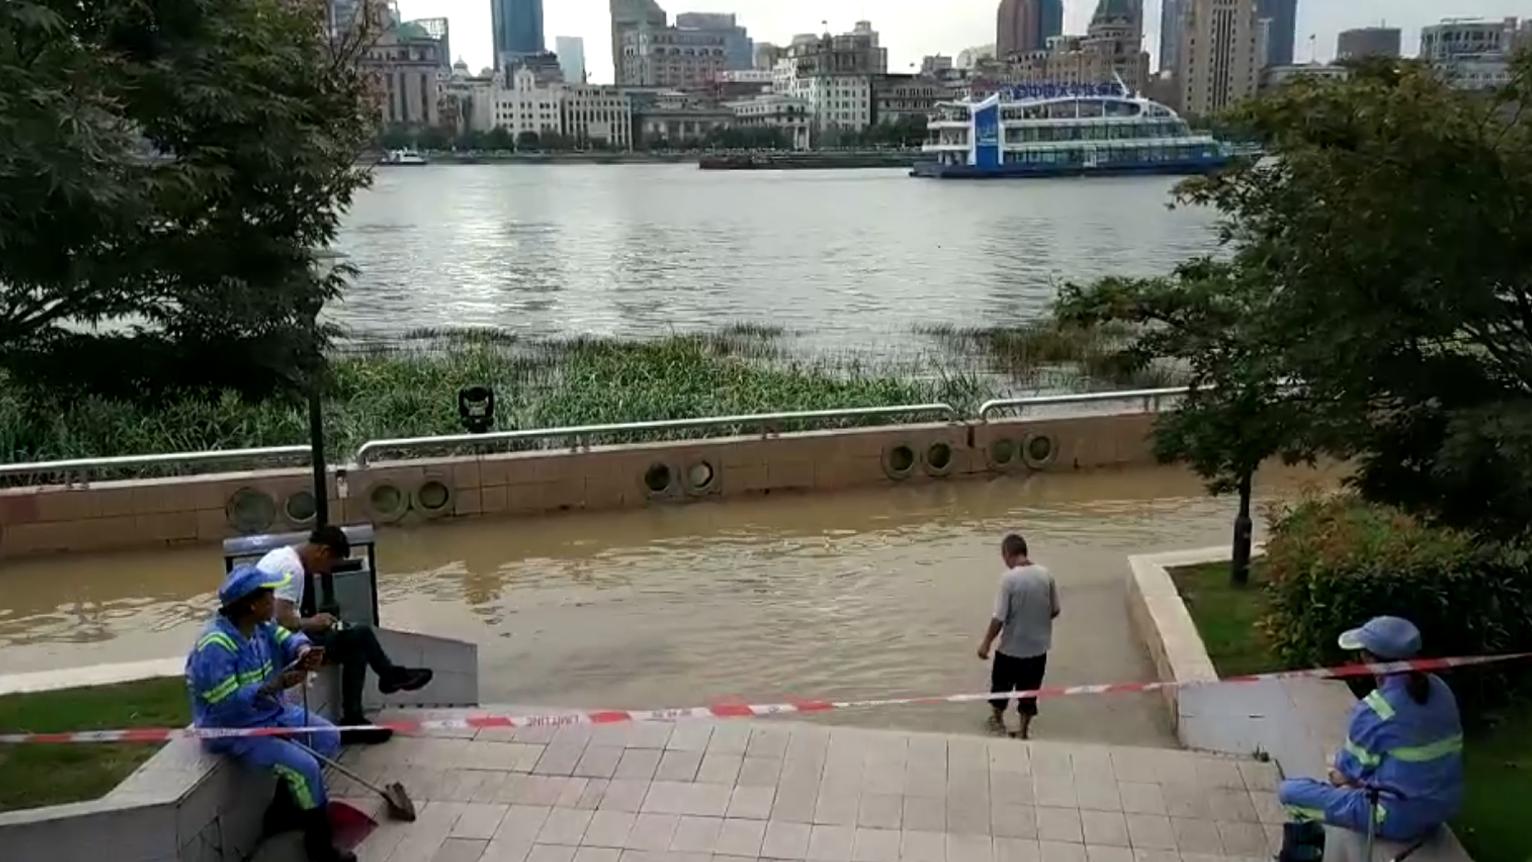 视频 | 风雨天水边有危险 亲水岸封闭守安全